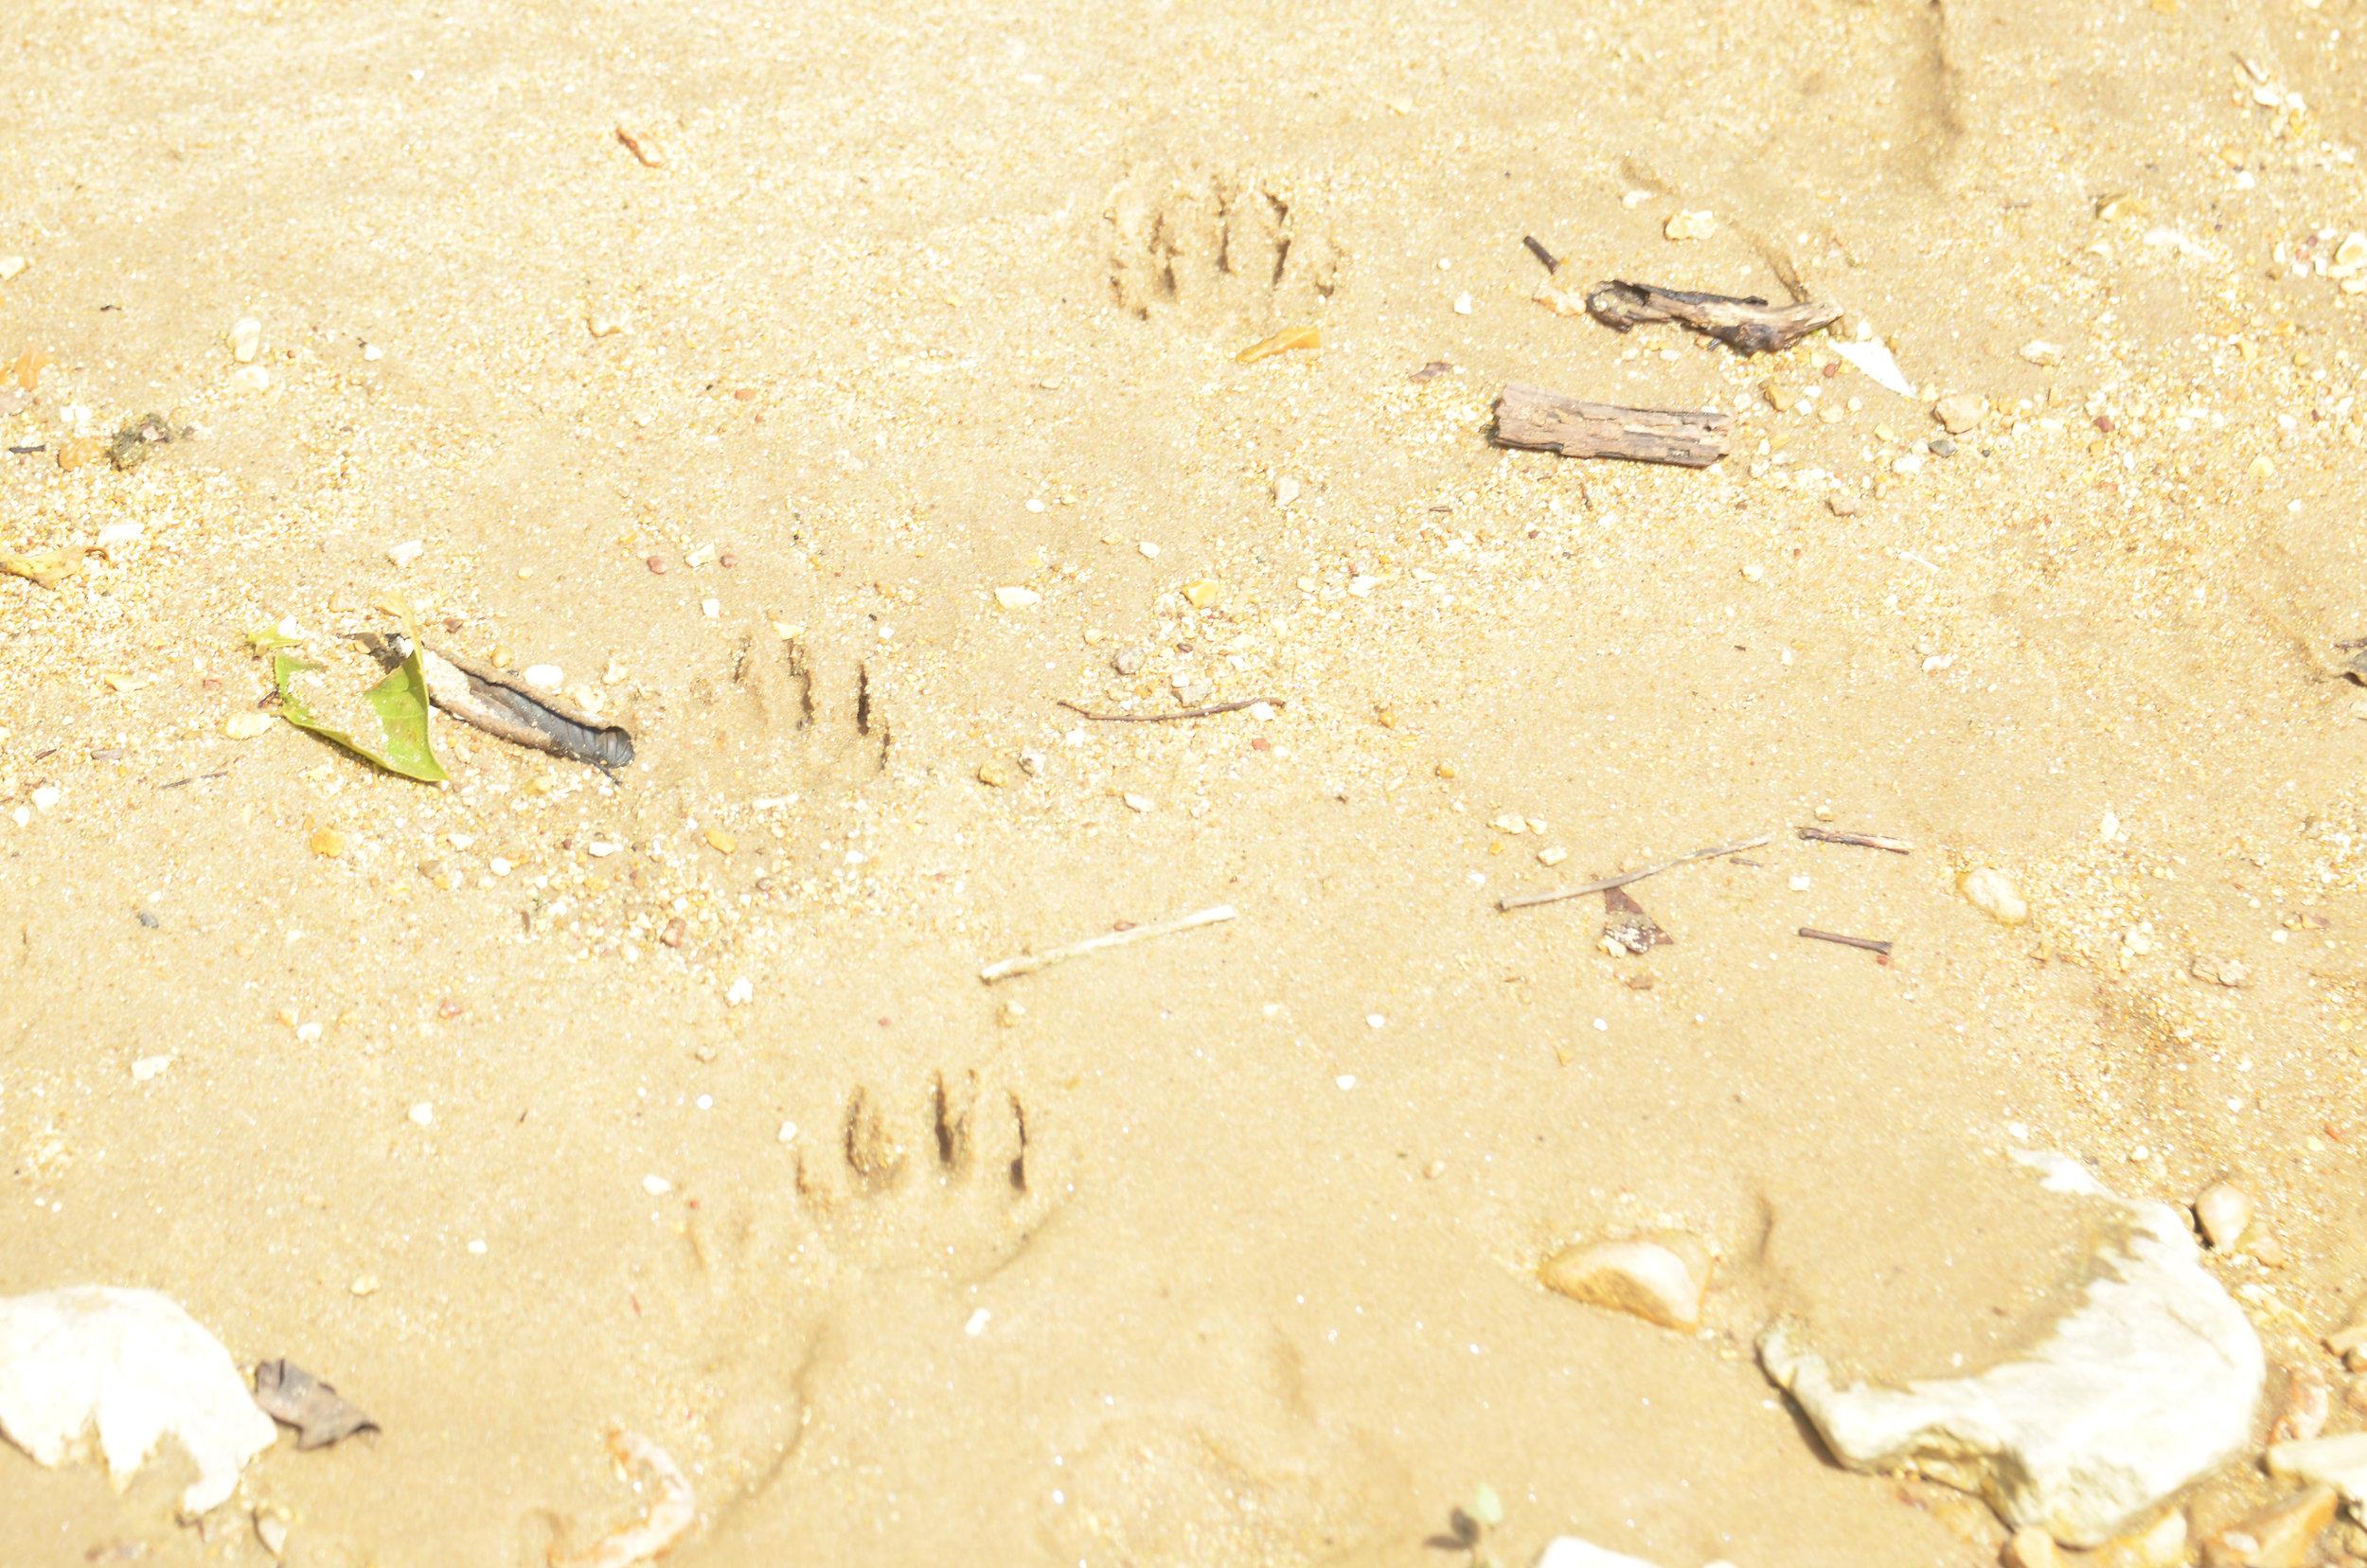 Raccoon tracks on the beach